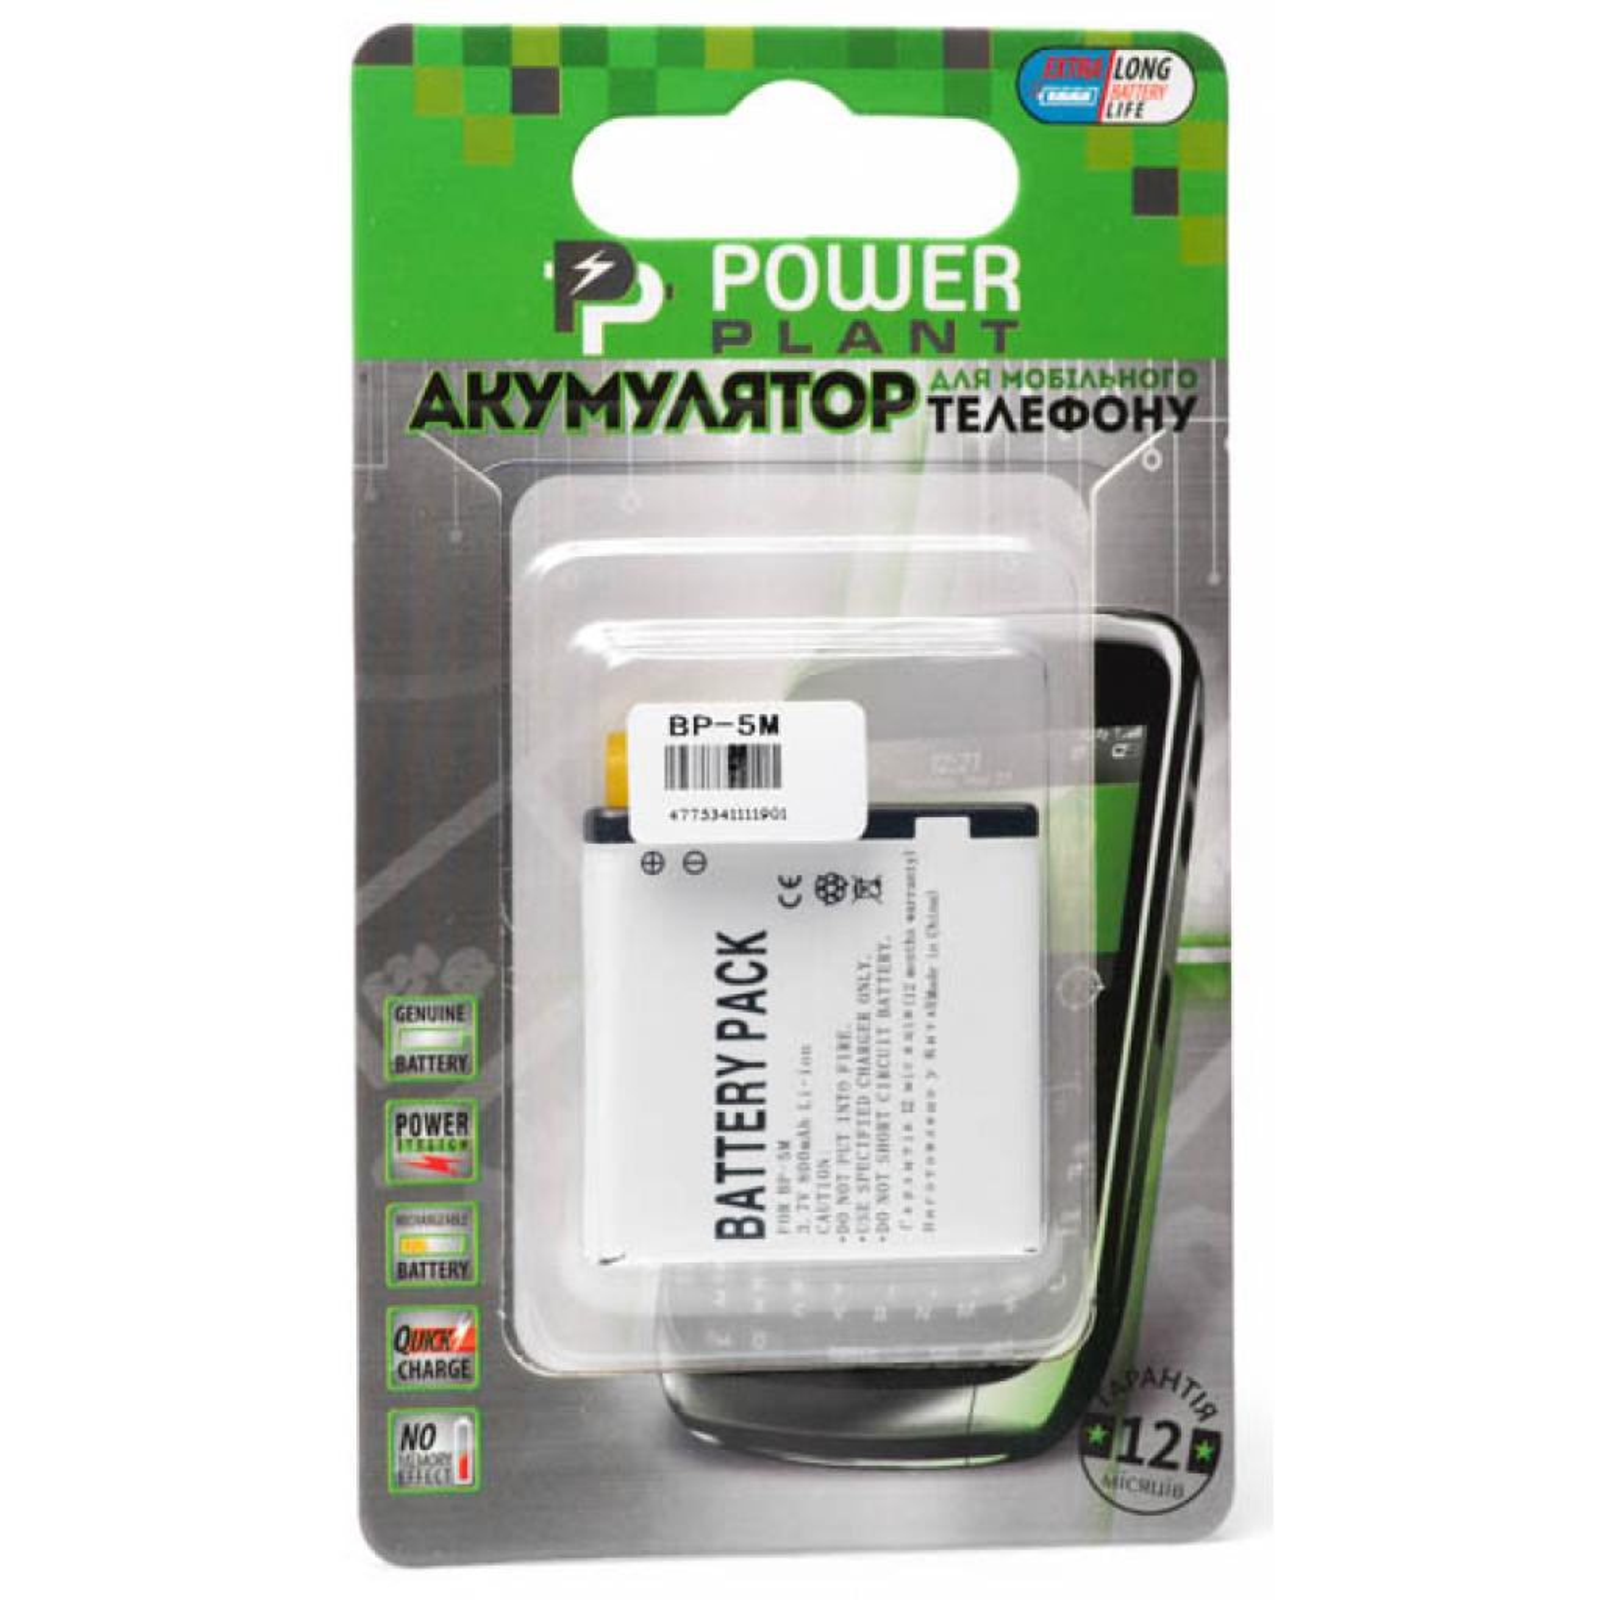 Аккумуляторная батарея PowerPlant Nokia BP-5M (5700, 6110 Navigator, 6290, 7390, 8600) (DV00DV1190)